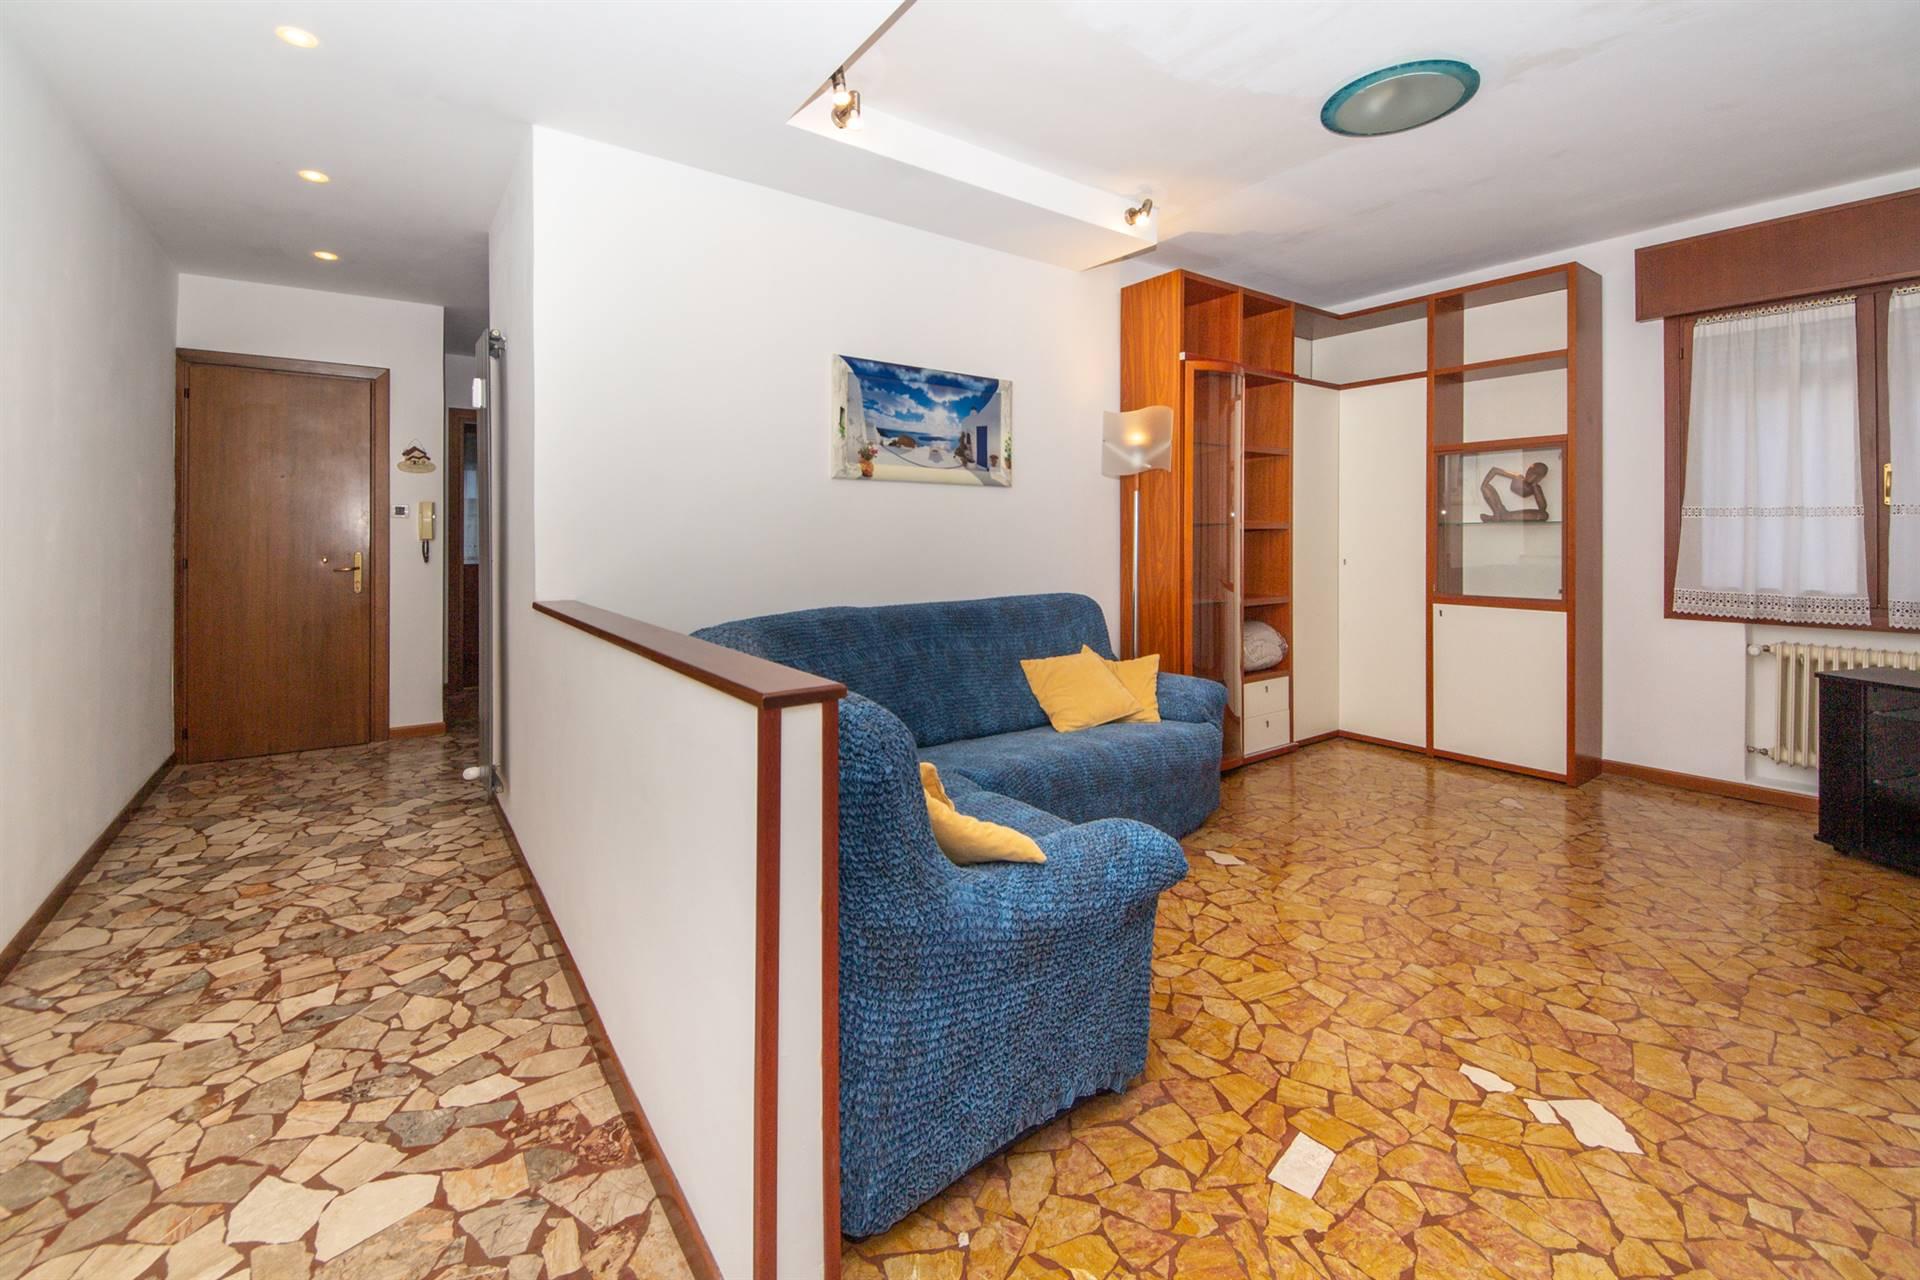 MESTRE, VENEZIA, Квартира в аренду из 80 Км, Отличное, Отопление Централизиванное, Класс энергосбережения: G, на земле 1° на 2, состоит из: 4